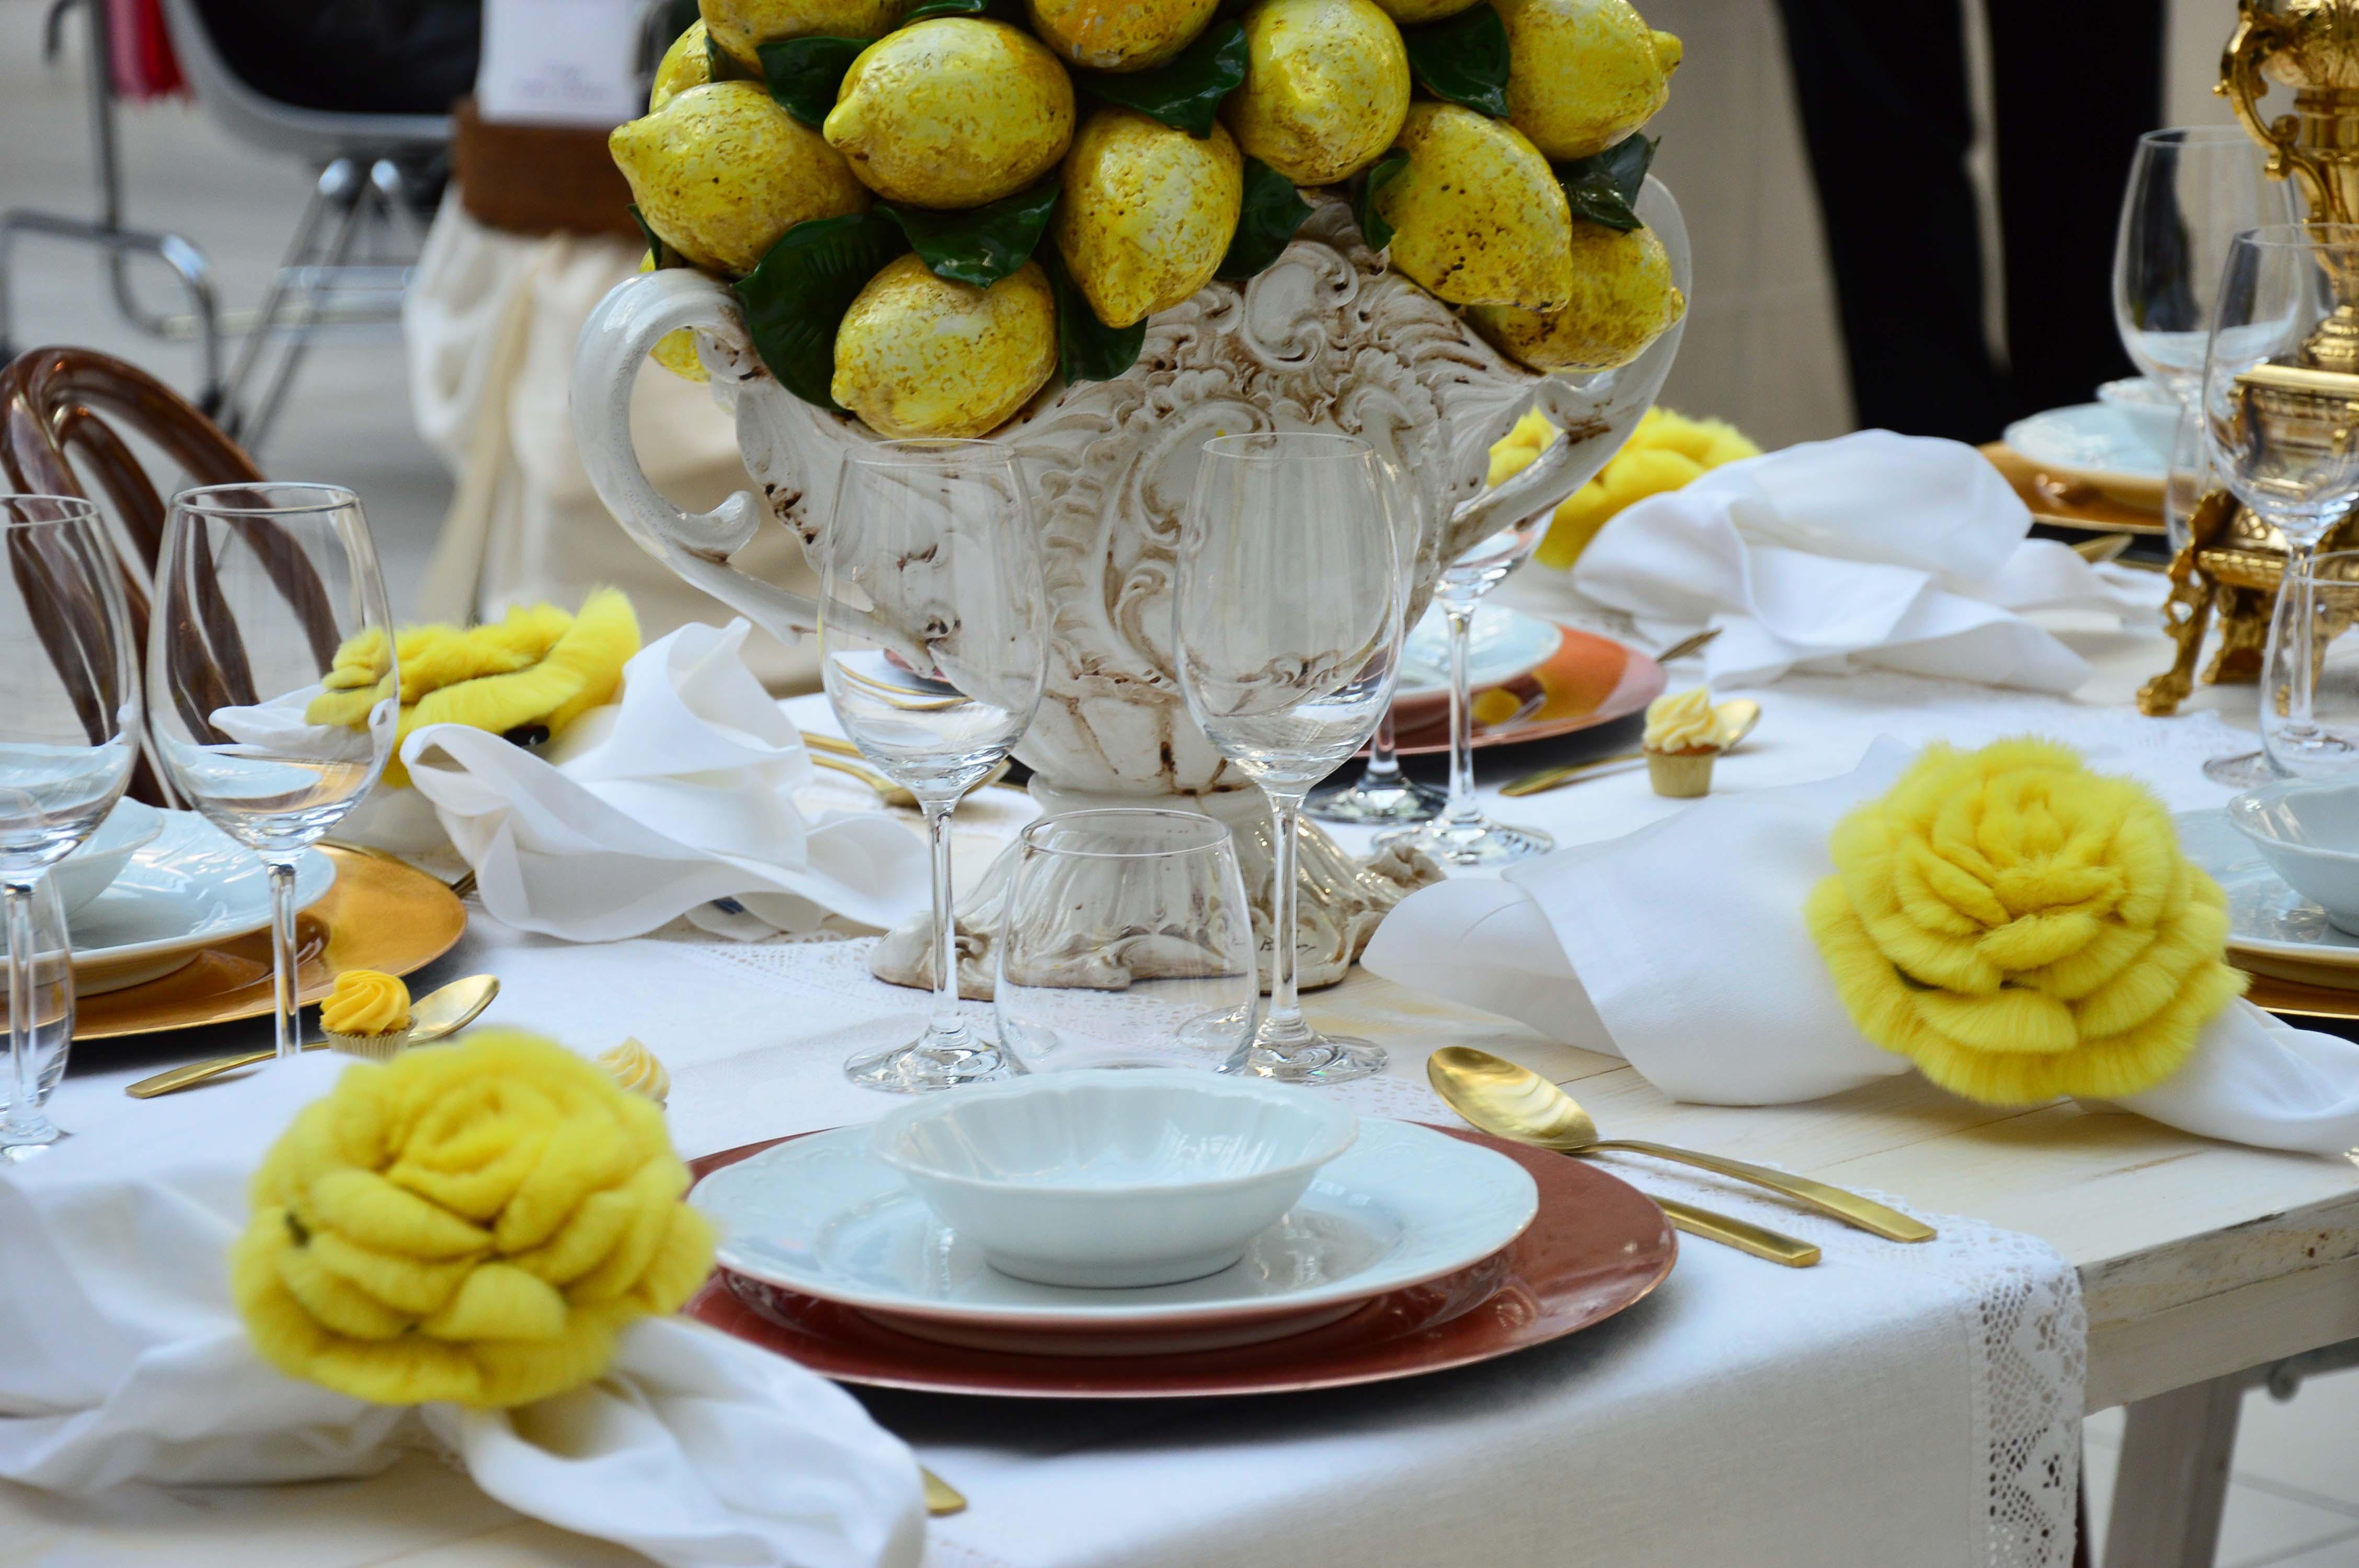 Come apparecchiare la tavola a natale idee glamour and chic - Idee per apparecchiare la tavola ...